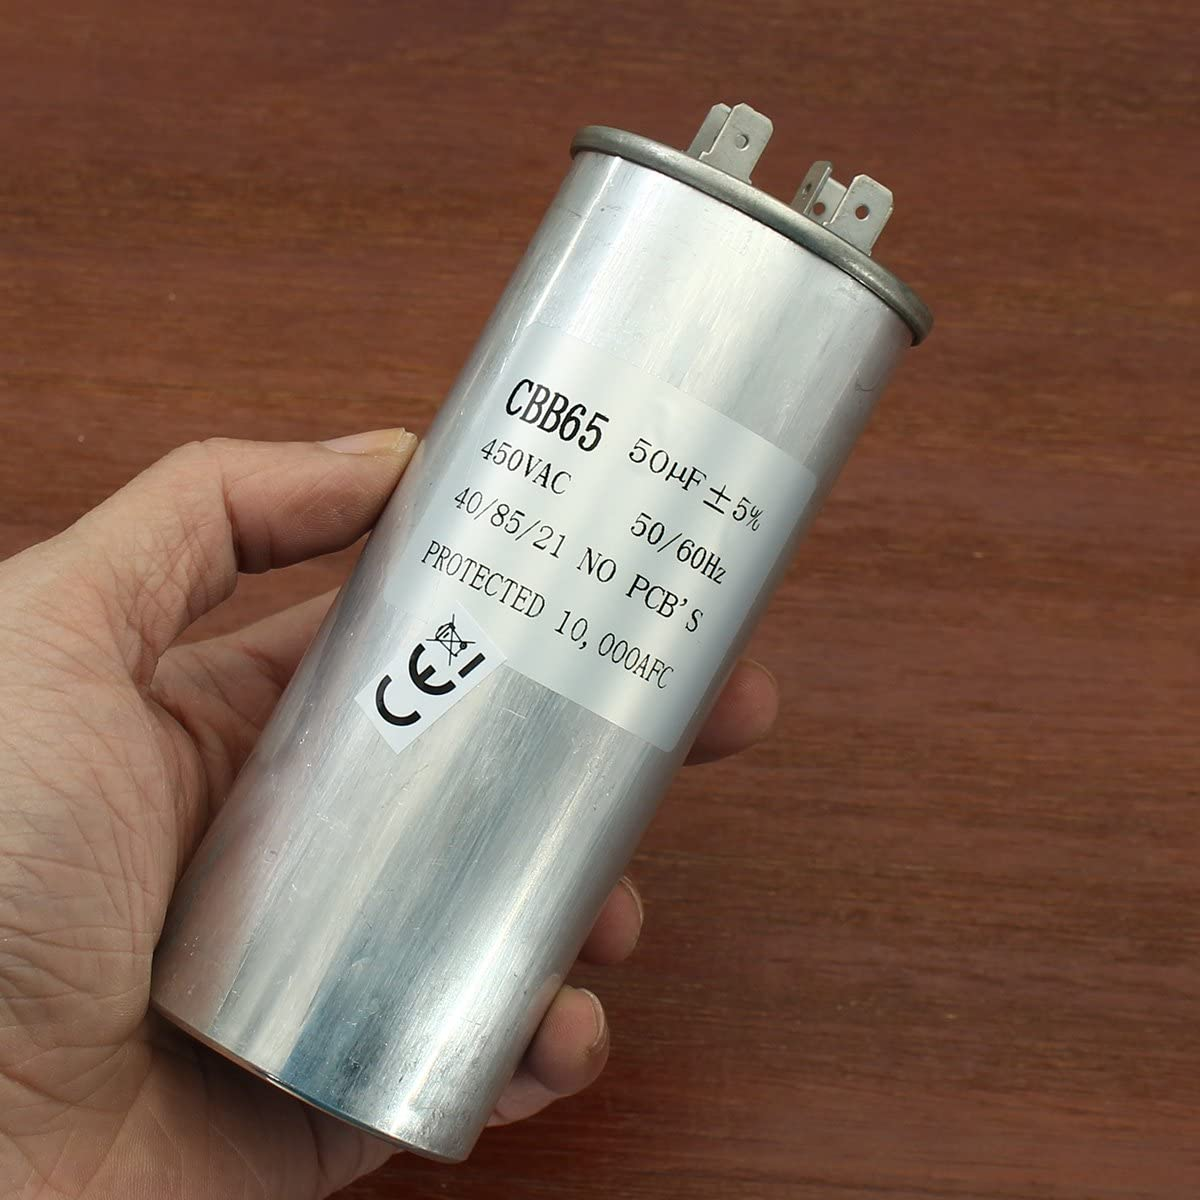 Bluelover 15-50Uf Capacitateur De Moteur Cbb65 450Vac Climatiseur Compresseur D/émarrage Capacitor E